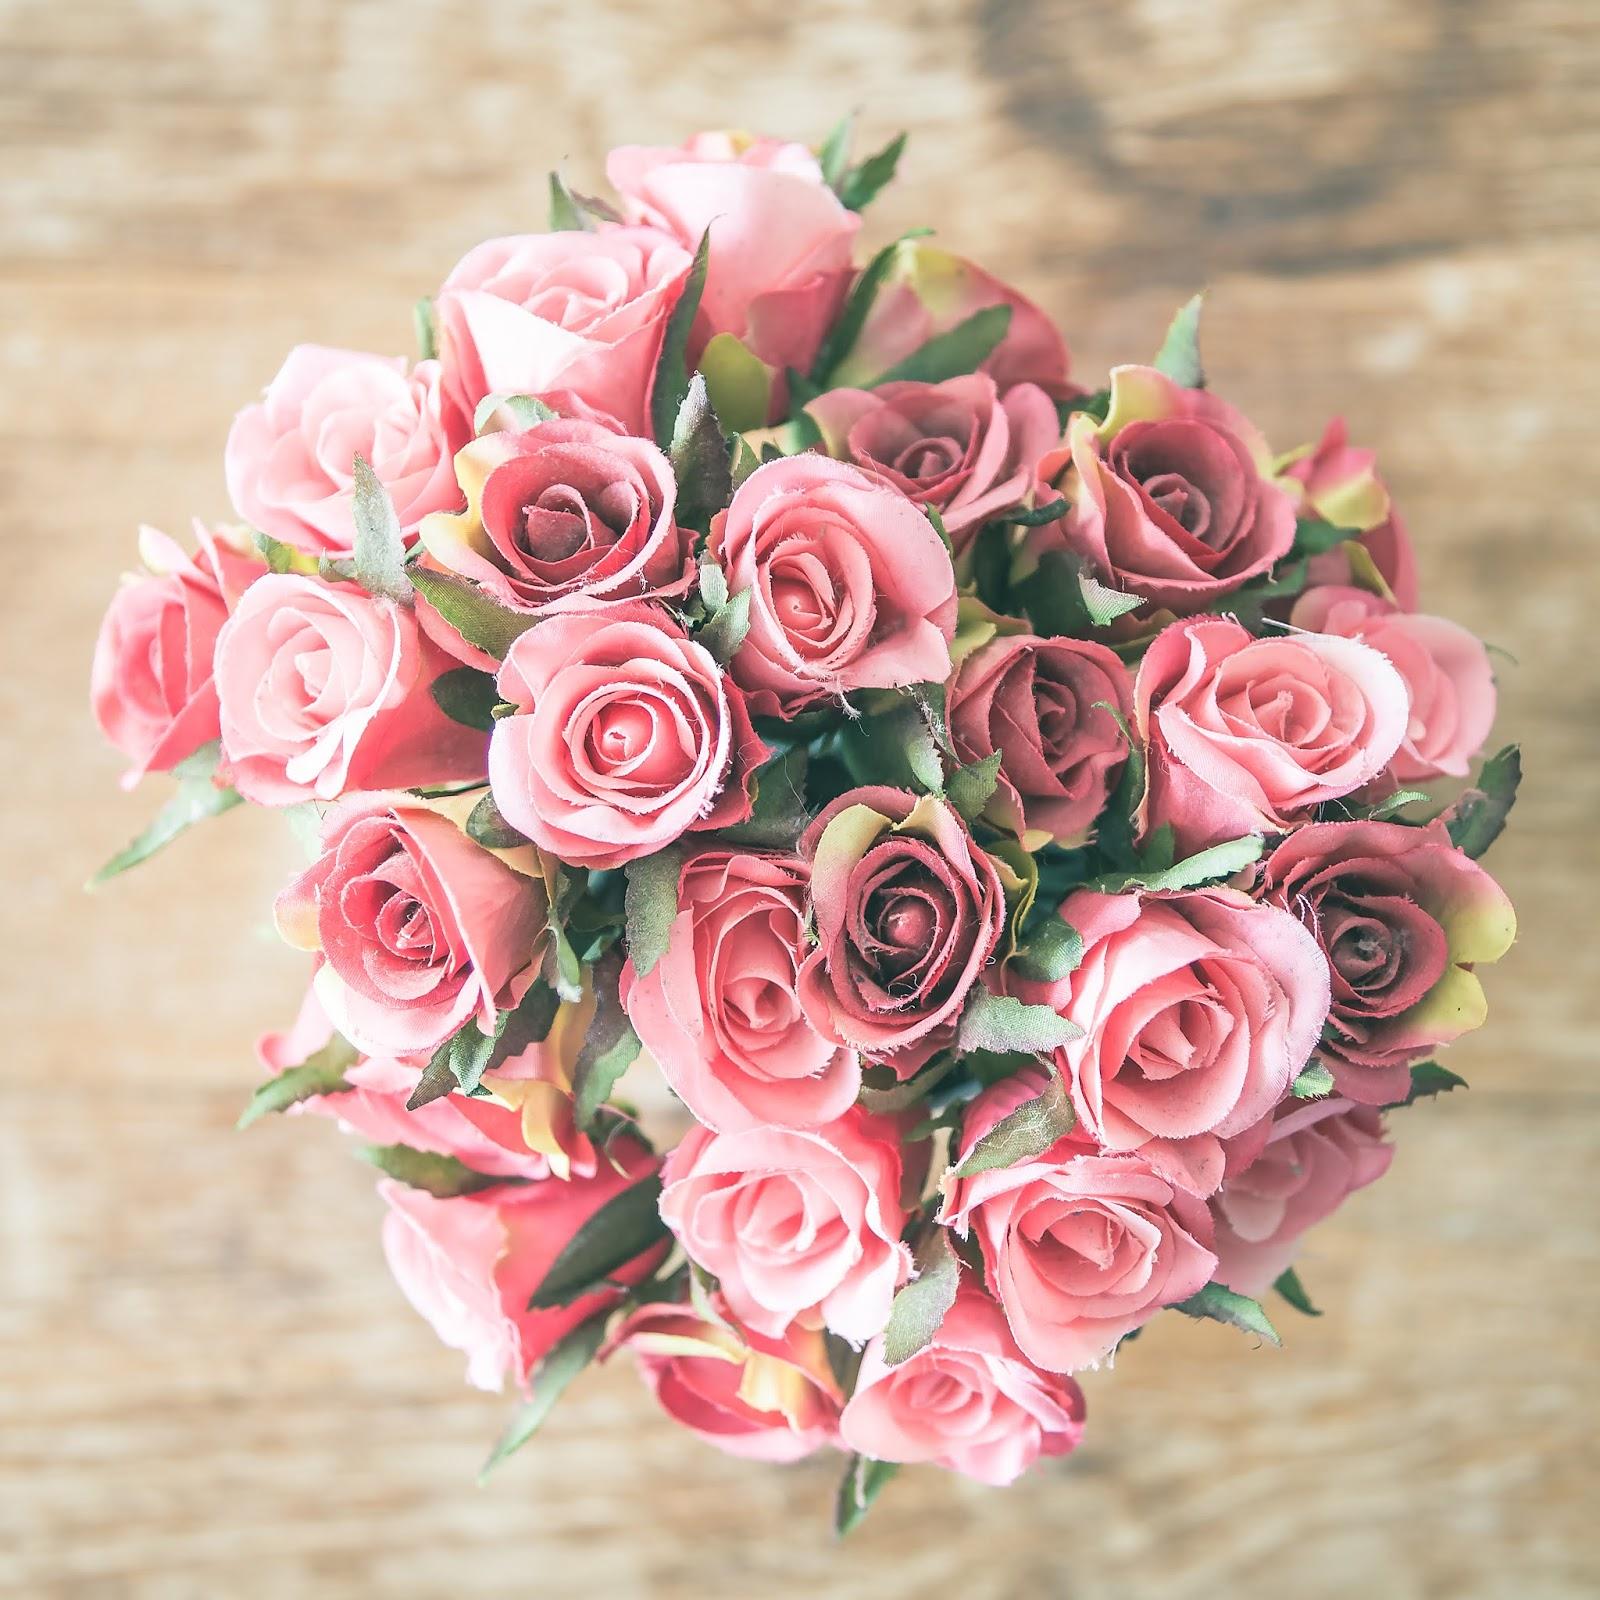 Entrega de flores | Troll - Soluções para eventos